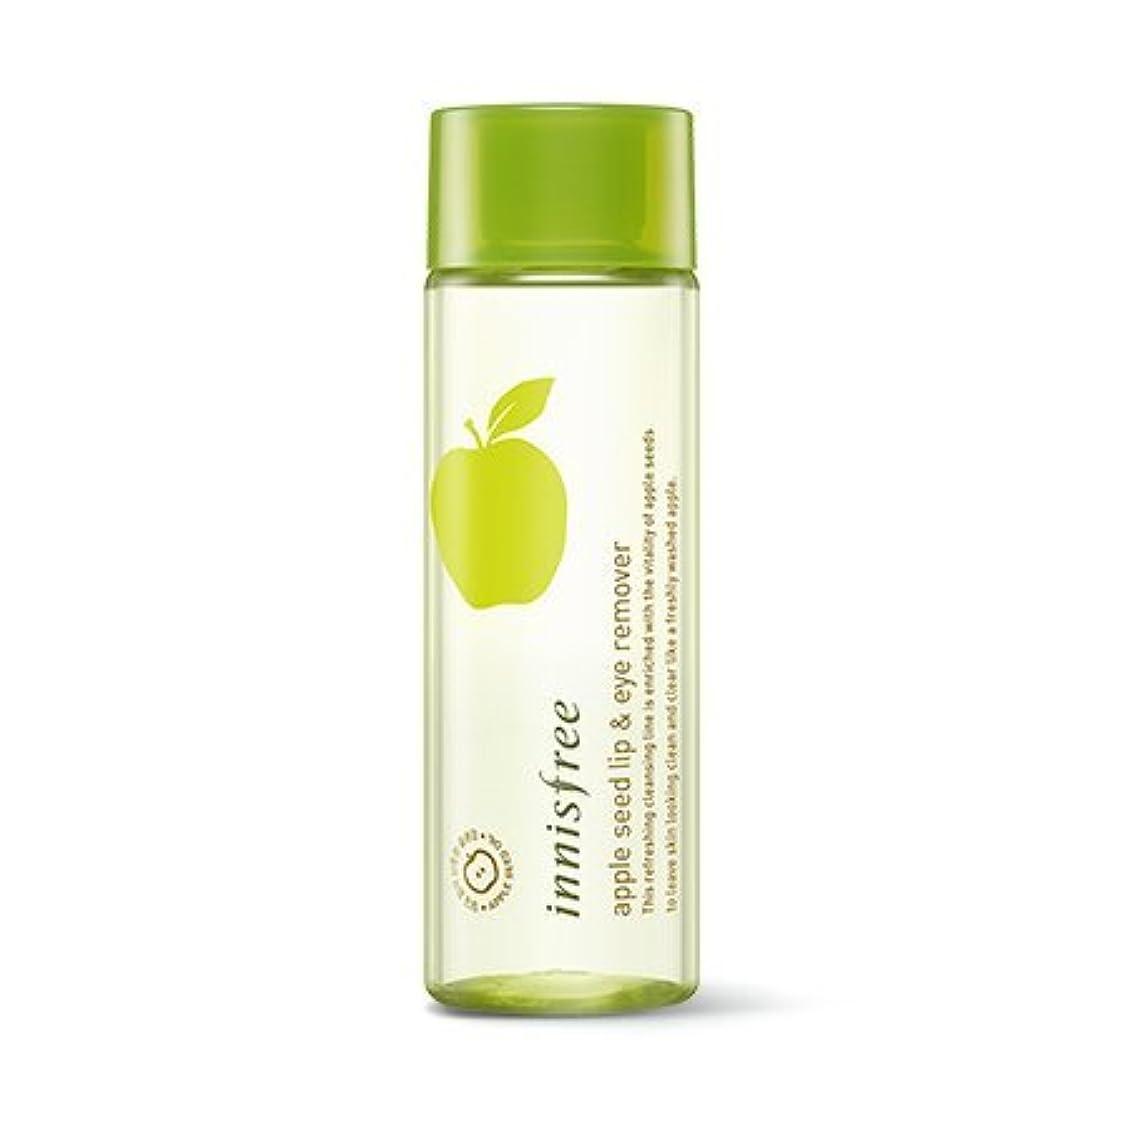 払い戻しはい幻想的[New] innisfree Apple Seed Lip & Eye Remover 100ml/イニスフリー アップル シード リップ&アイ リムーバー 100ml